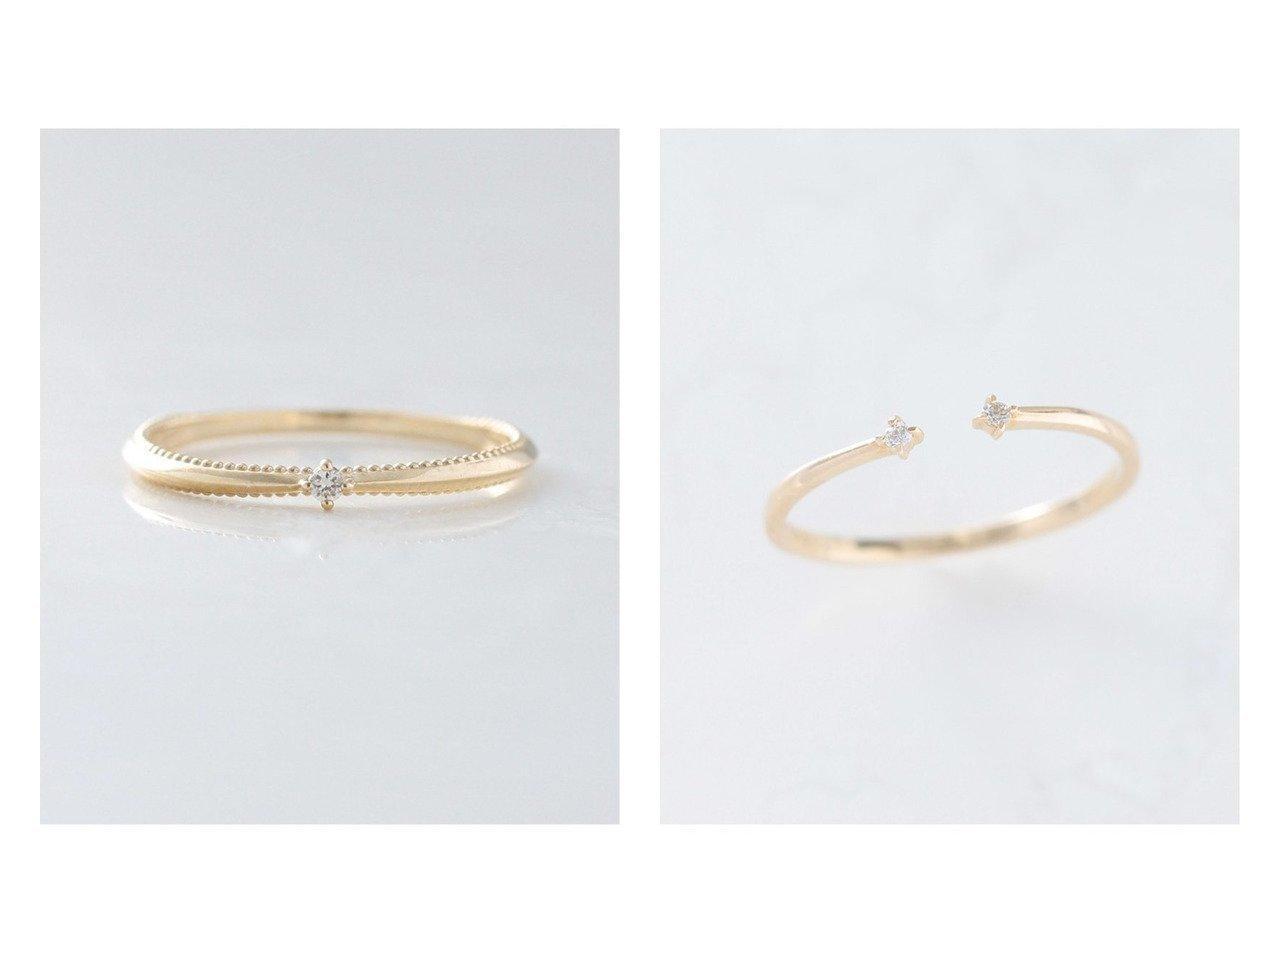 【NOIR DE POUPEE/ノワール ド プーペ】のK10 2粒ダイヤ オープンリング&K10 ミル×しのぎ 一粒ダイヤモンド ピンキーリング おすすめ!人気、トレンド・レディースファッションの通販 おすすめで人気の流行・トレンド、ファッションの通販商品 インテリア・家具・メンズファッション・キッズファッション・レディースファッション・服の通販 founy(ファニー) https://founy.com/ ファッション Fashion レディースファッション WOMEN おすすめ Recommend アクセサリー イエロー ストーン ダイヤモンド |ID:crp329100000063225